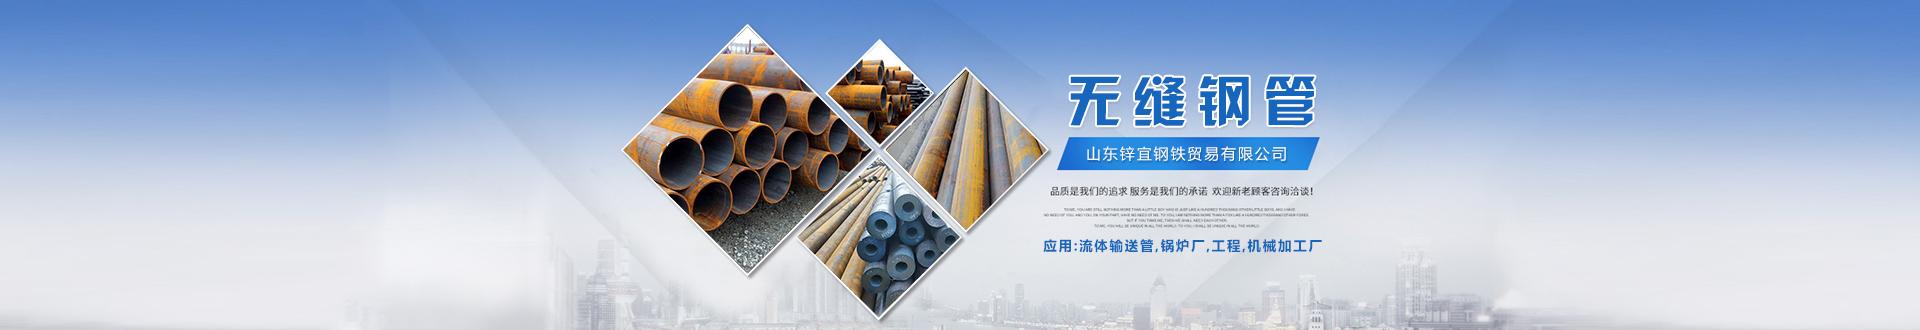 山东锌宜钢铁贸易有限公司